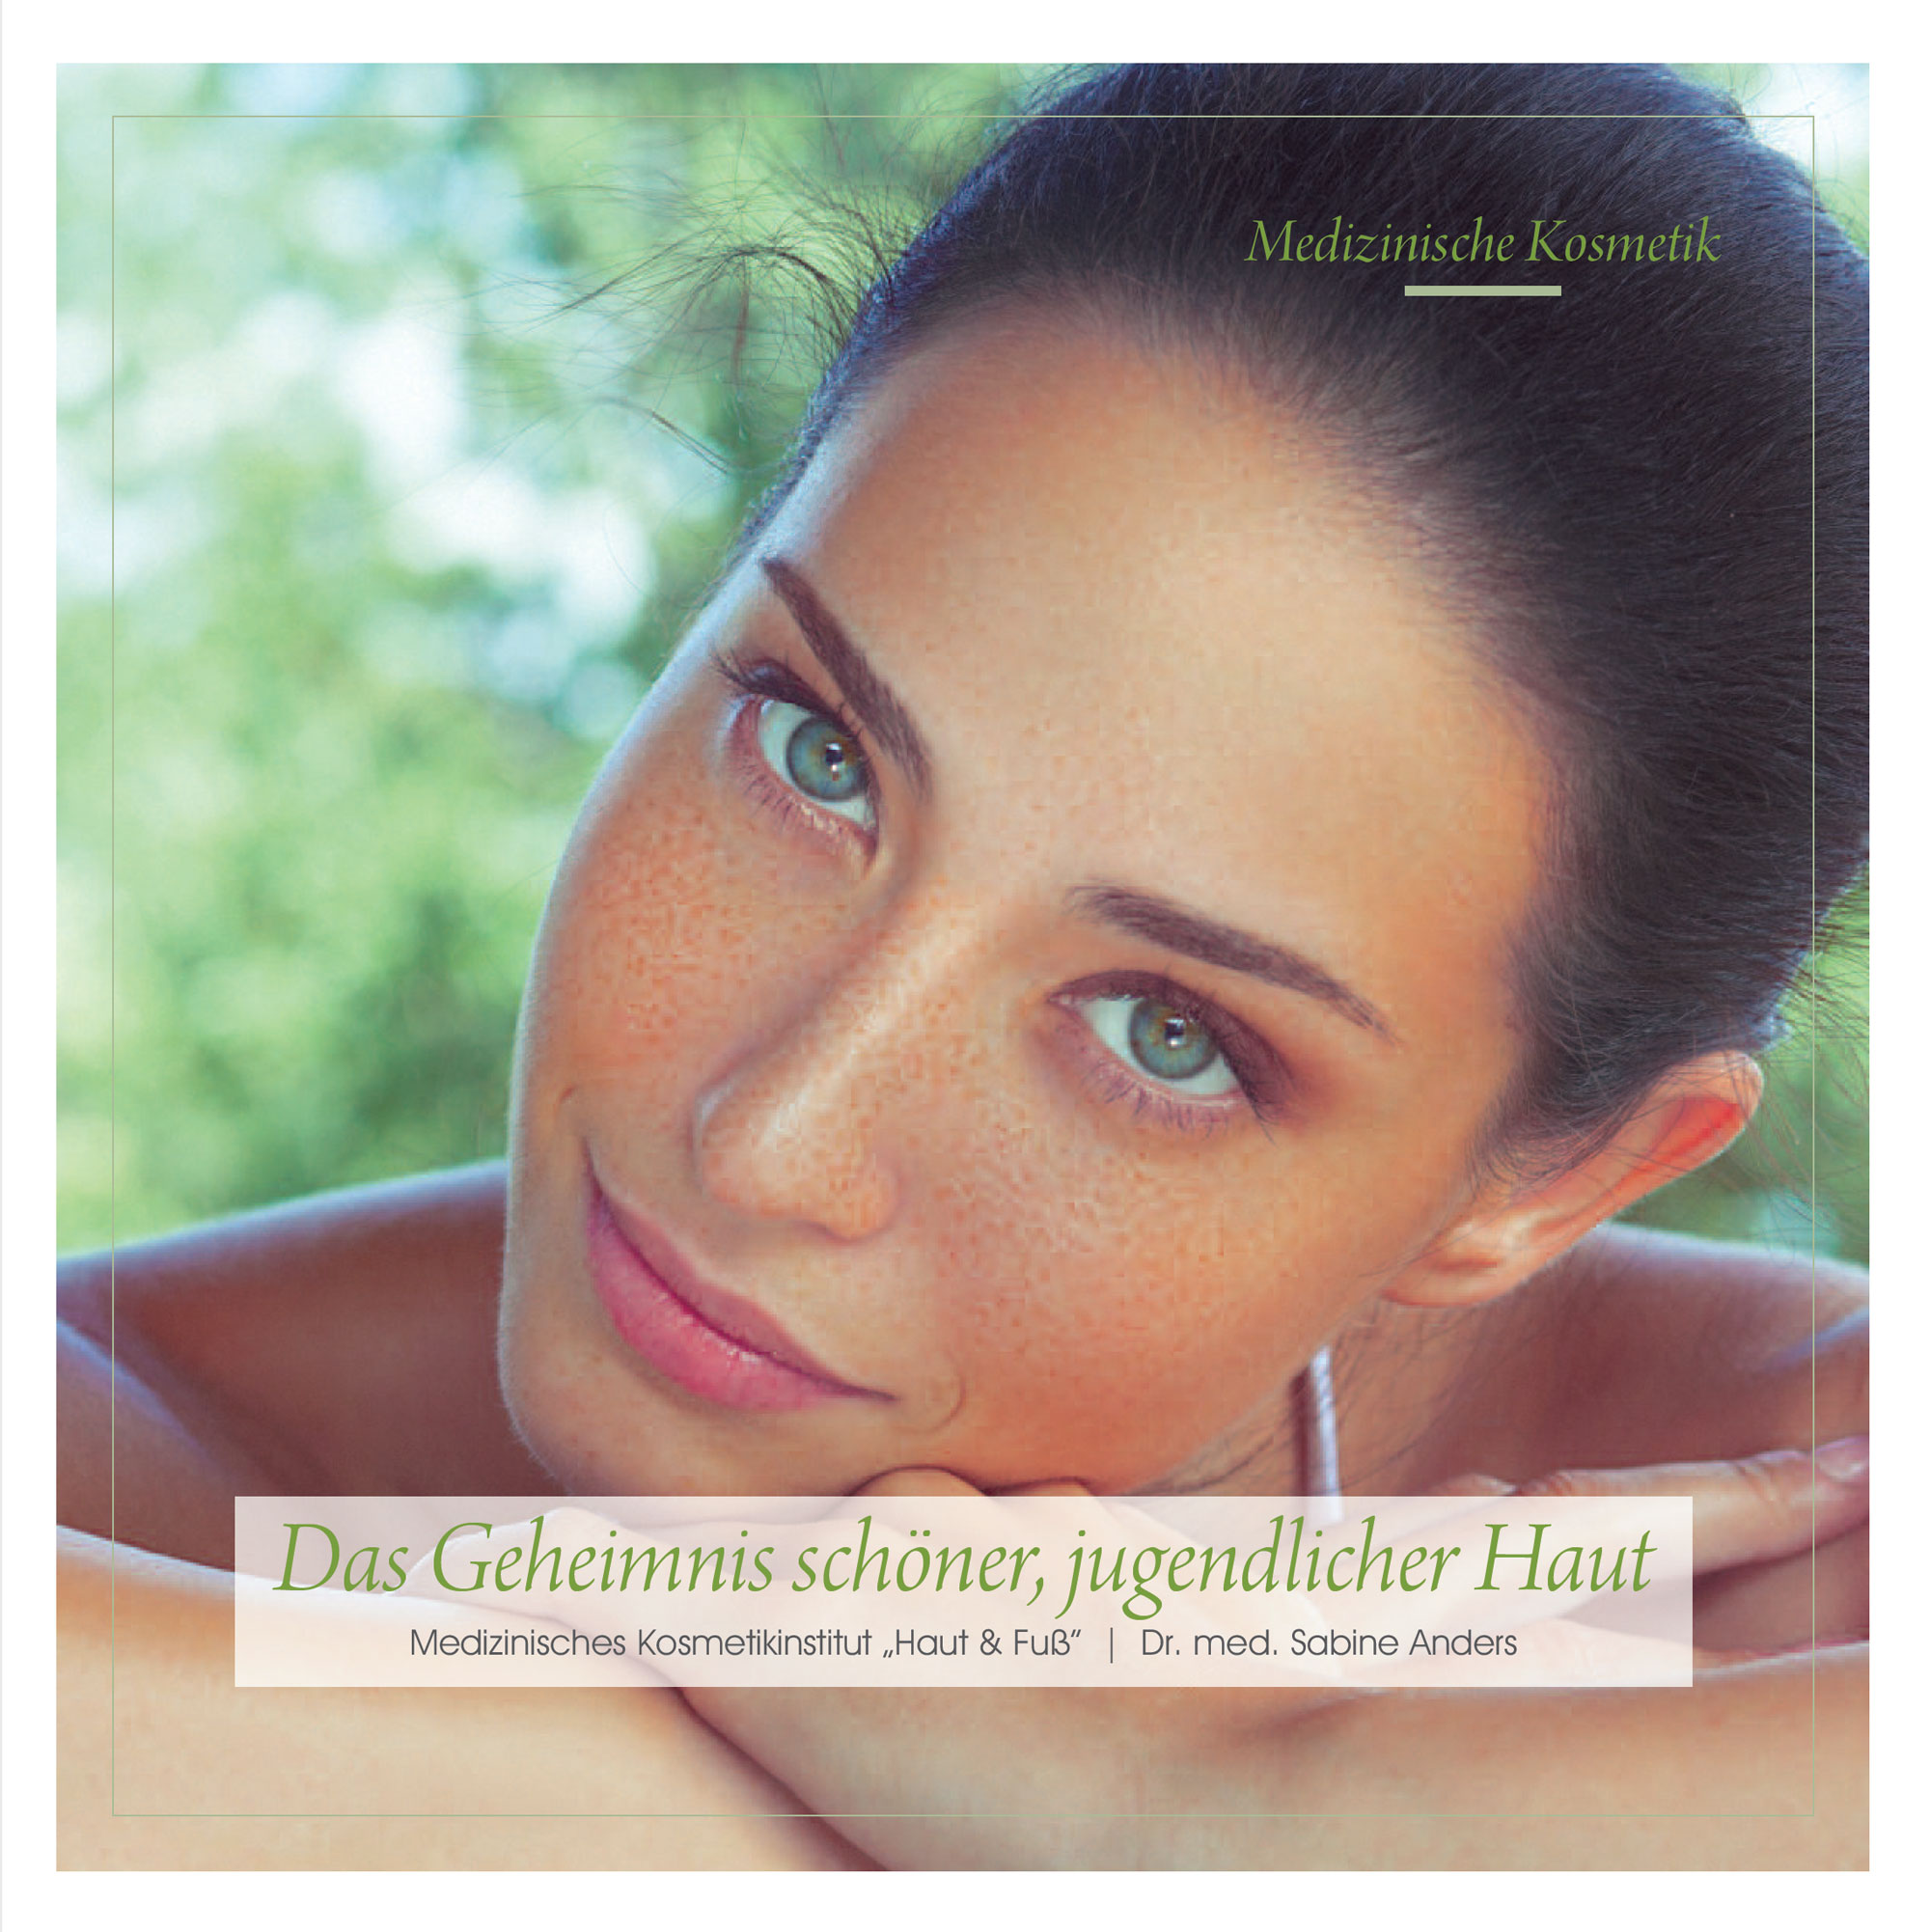 Beautybroschuere Dr. med. Sabine Anders